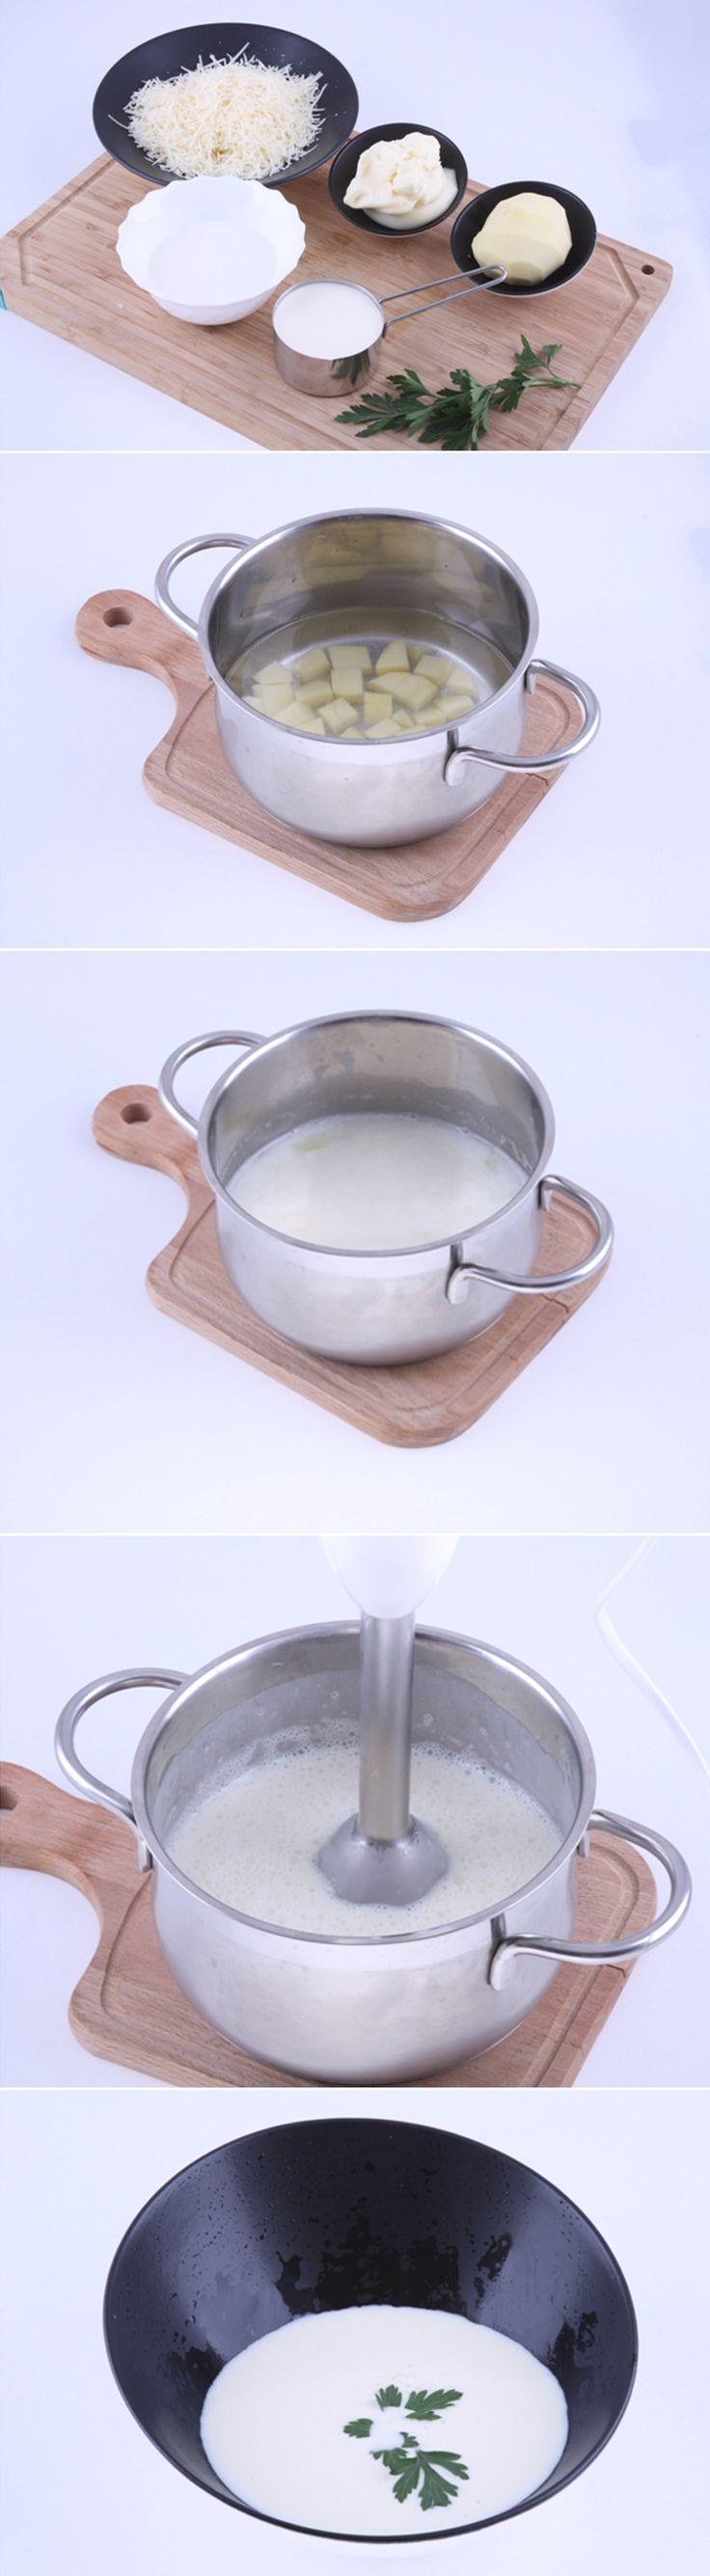 Суп-крем Сырный. Нежный вкус и прекрасное сочетание ингредиентов - все это вы найдете в этом замечательном блюде. Рецепт очень прост и займет у вас не более 25 минут. Полный список ингредиентов и способ приготовления блюда вы можете увидеть в...http://vk.com/dinnerday; http://instagram.com/dinnerday #суп #кулинария #ингредиенты #сыр #картофель #еда #молоко #крем #рецепт #рецепты #dinnerday #food #cook #recipe #recipes #soup #cheese #milk #potato